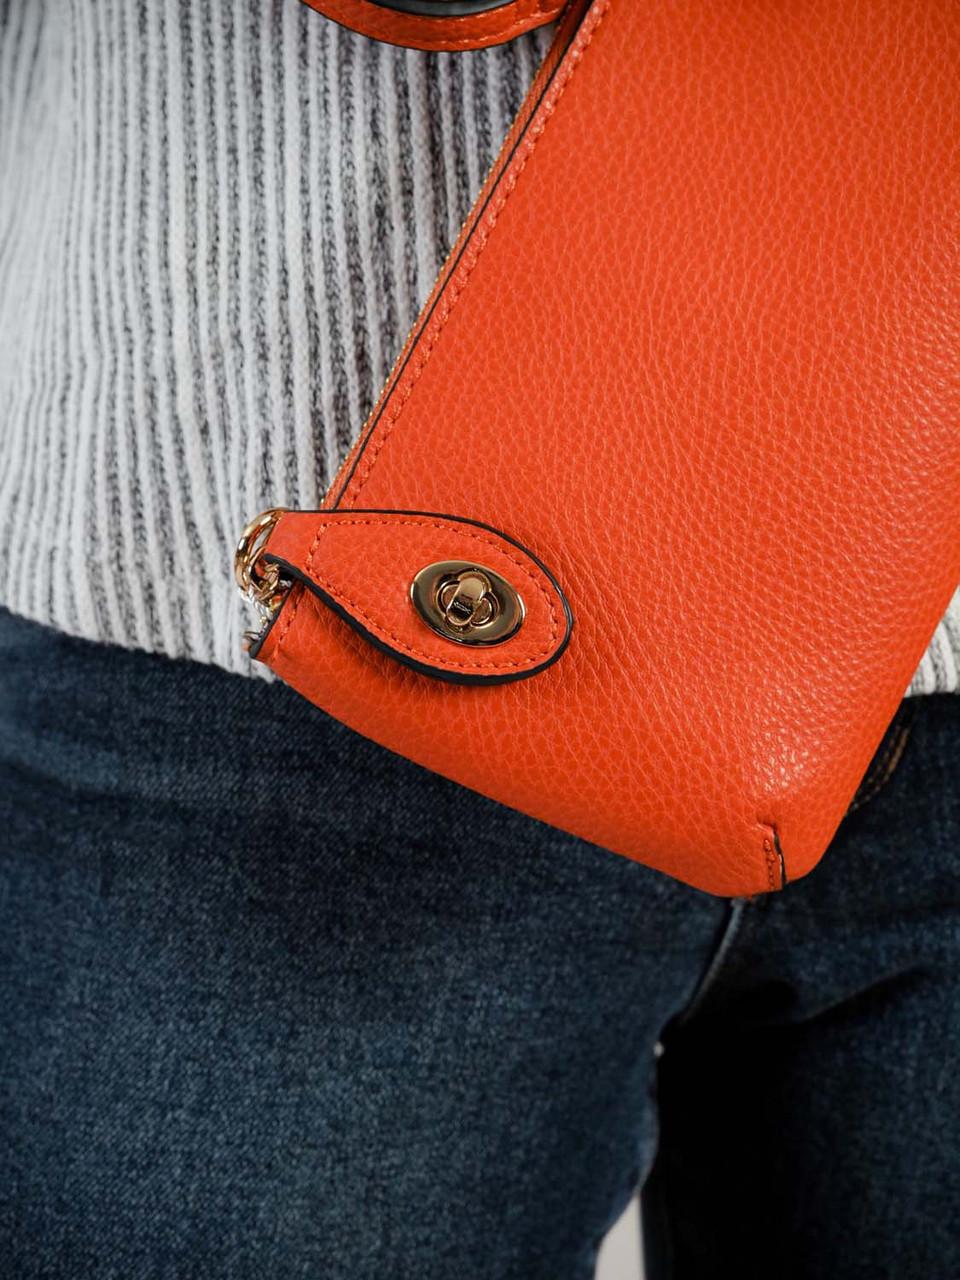 kendall crossbody wristlet in orange jen and co